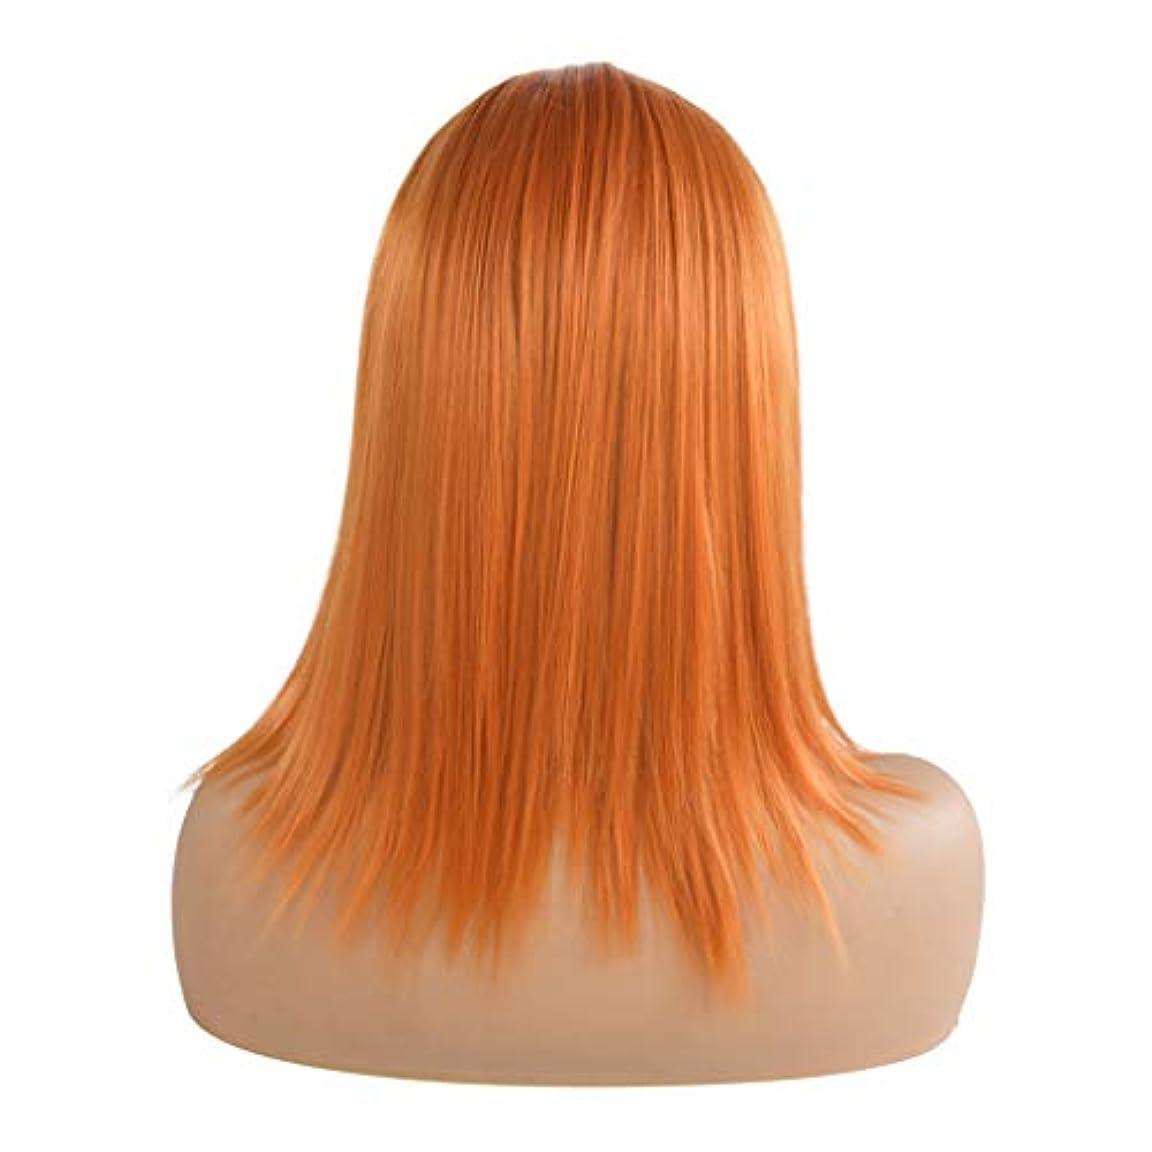 私たち心臓優先ウィッグオレンジショートストレートヘアフロントレースファッションウィッグ18インチ